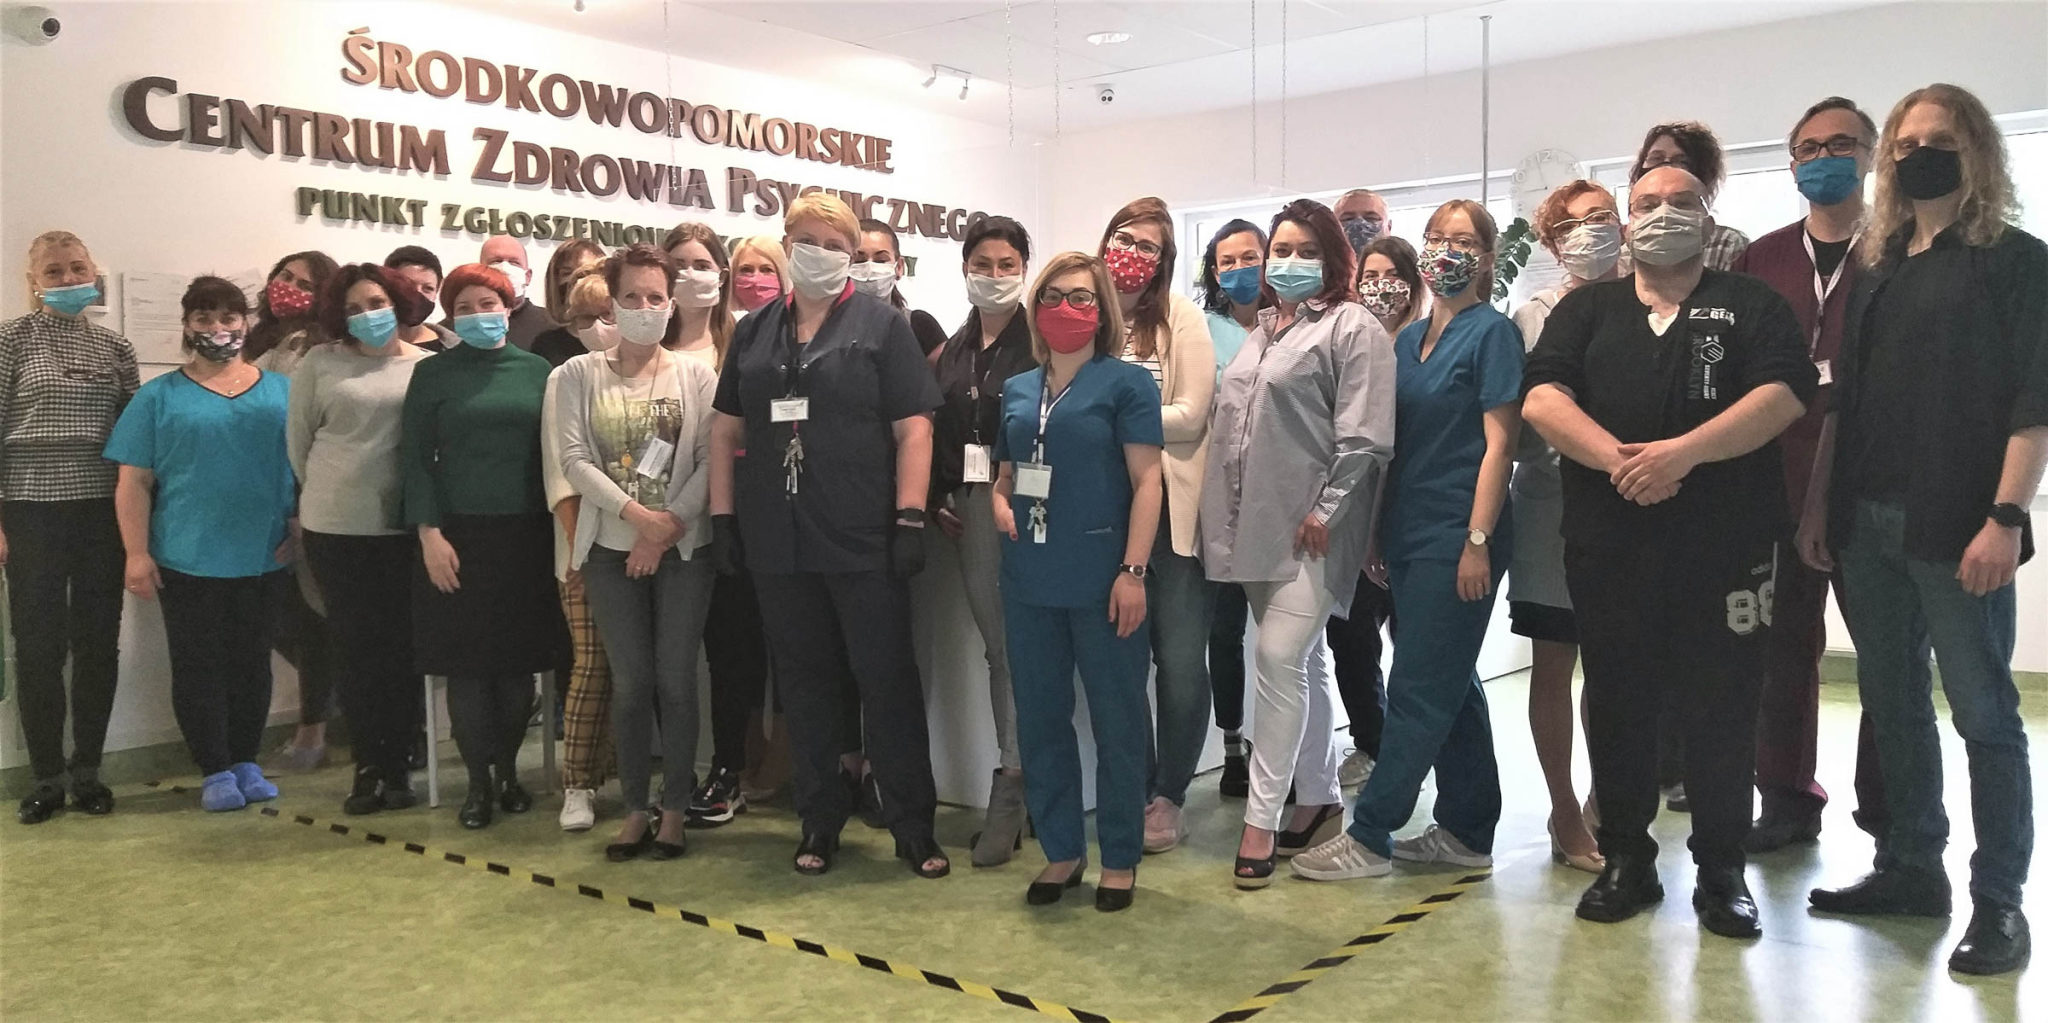 Zespół Środkowopomorskiego Centrum Zdrowia Psychicznego MEDiSON w Koszalinie